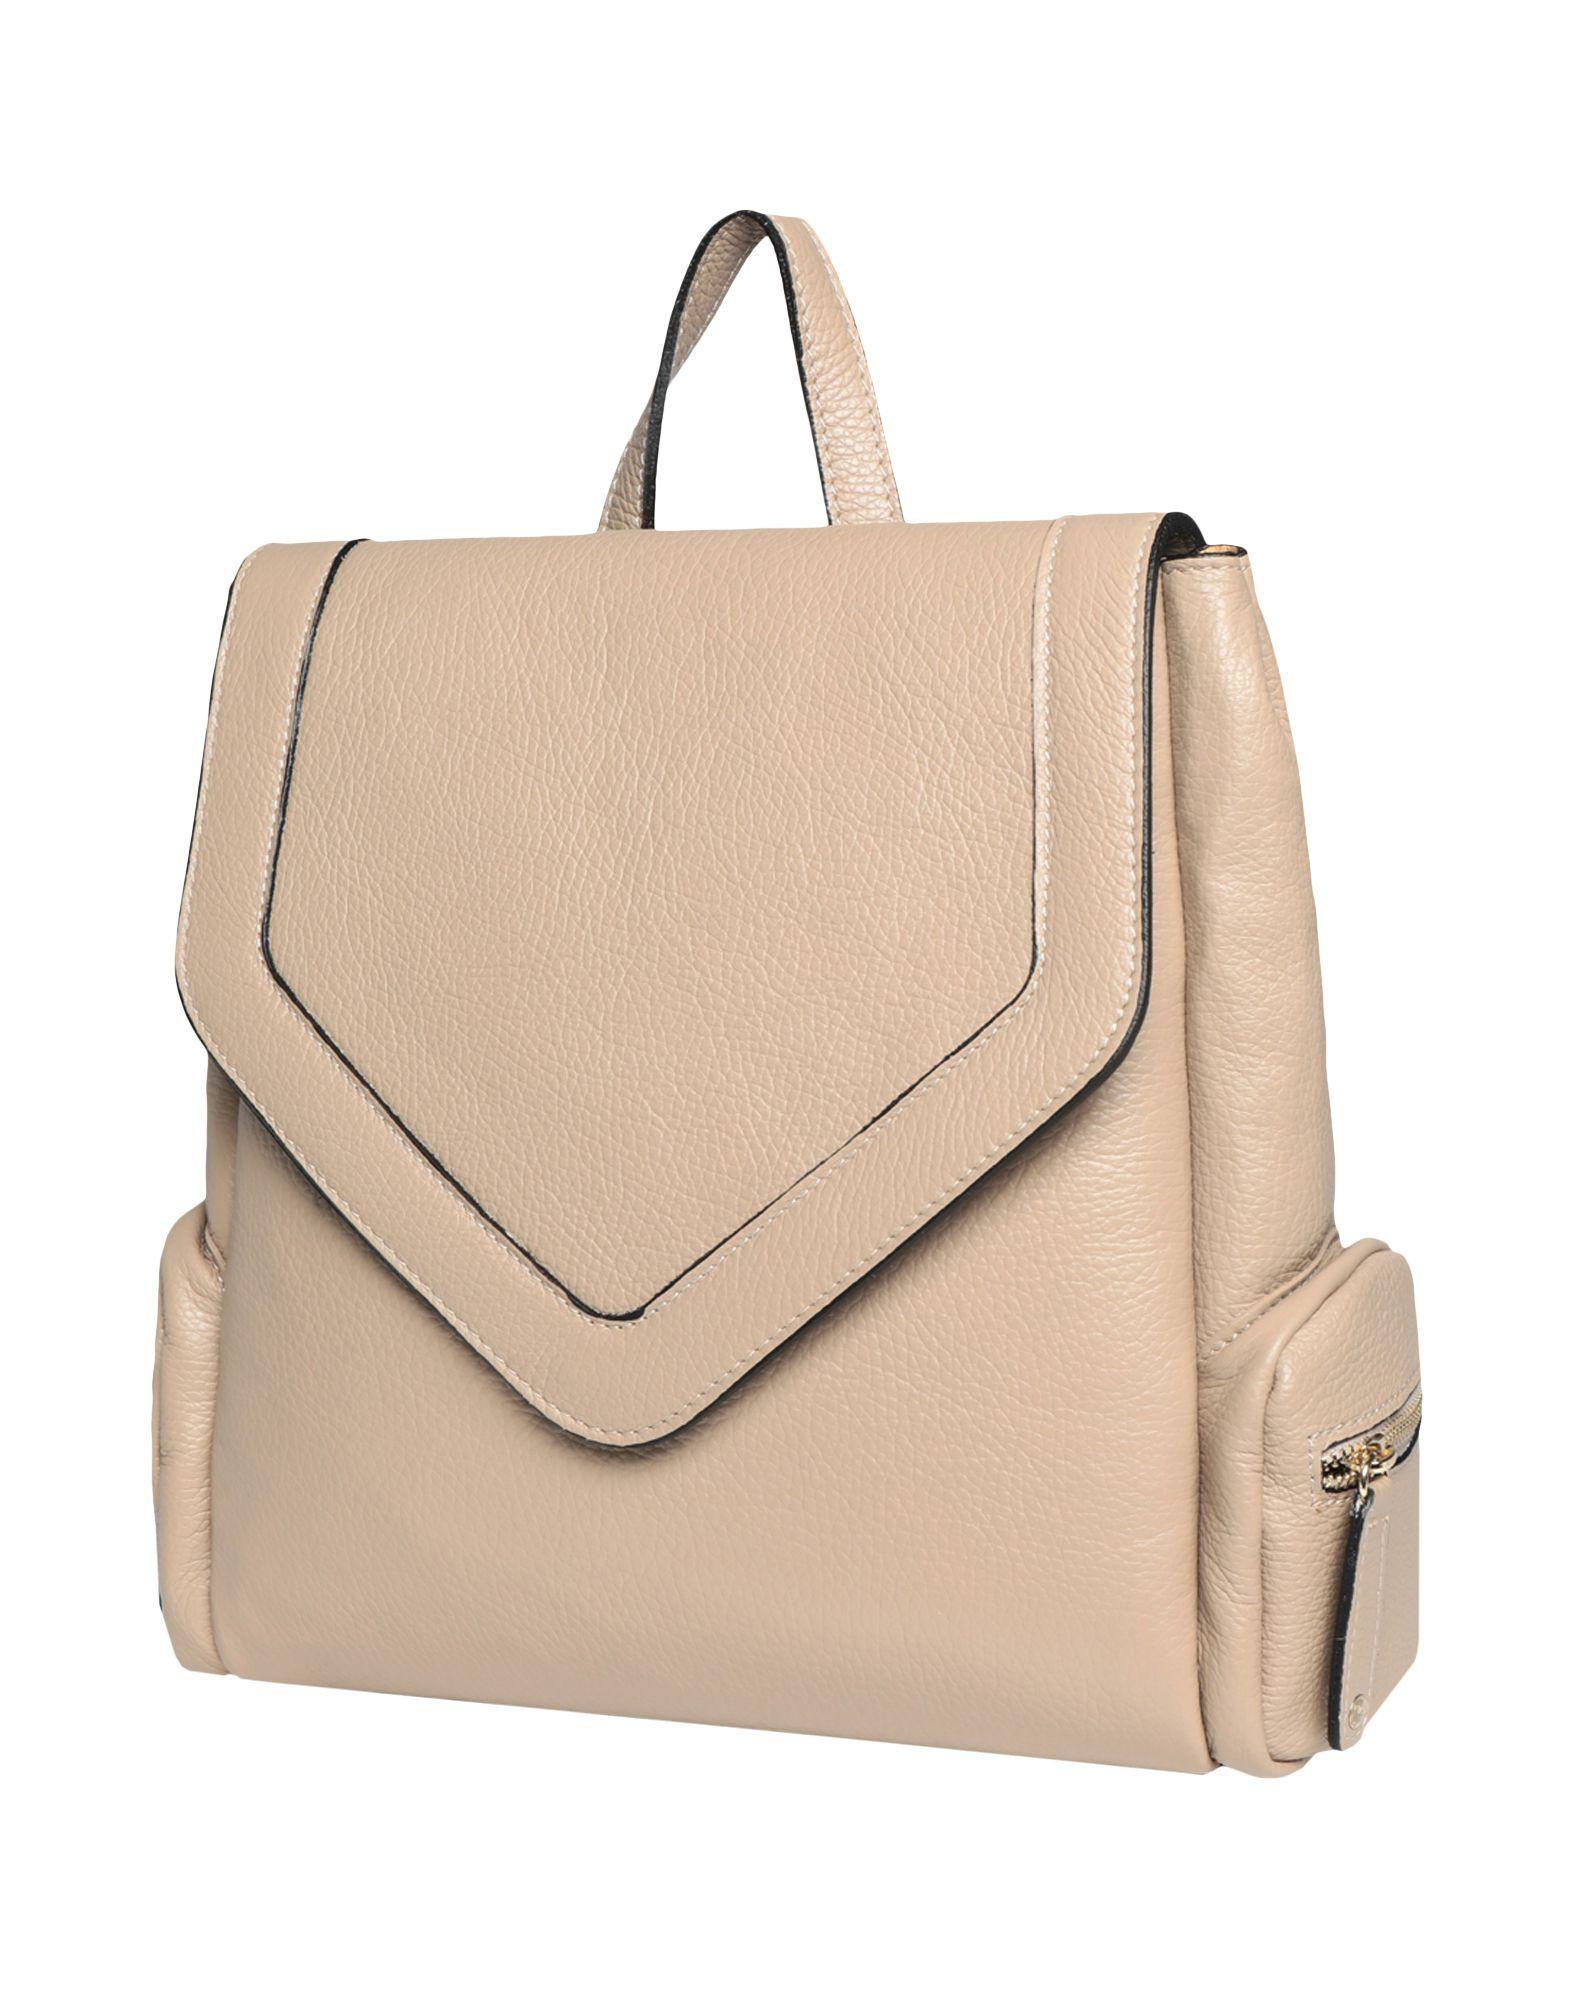 8 by YOOX Рюкзаки и сумки на пояс ноутбук рюкзак 3d пузырь галактики печати рюкзаки большой емкости отдыха сумки